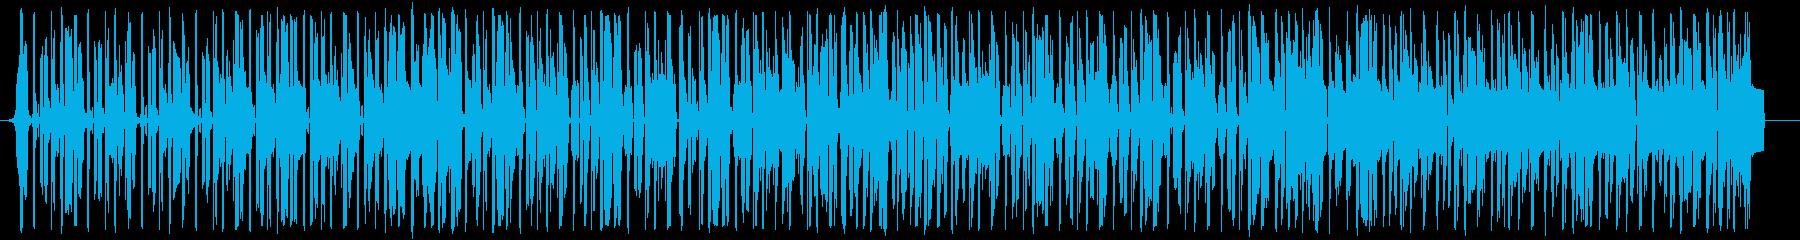 ジャジーなエレピでのゆったりヒップホップの再生済みの波形